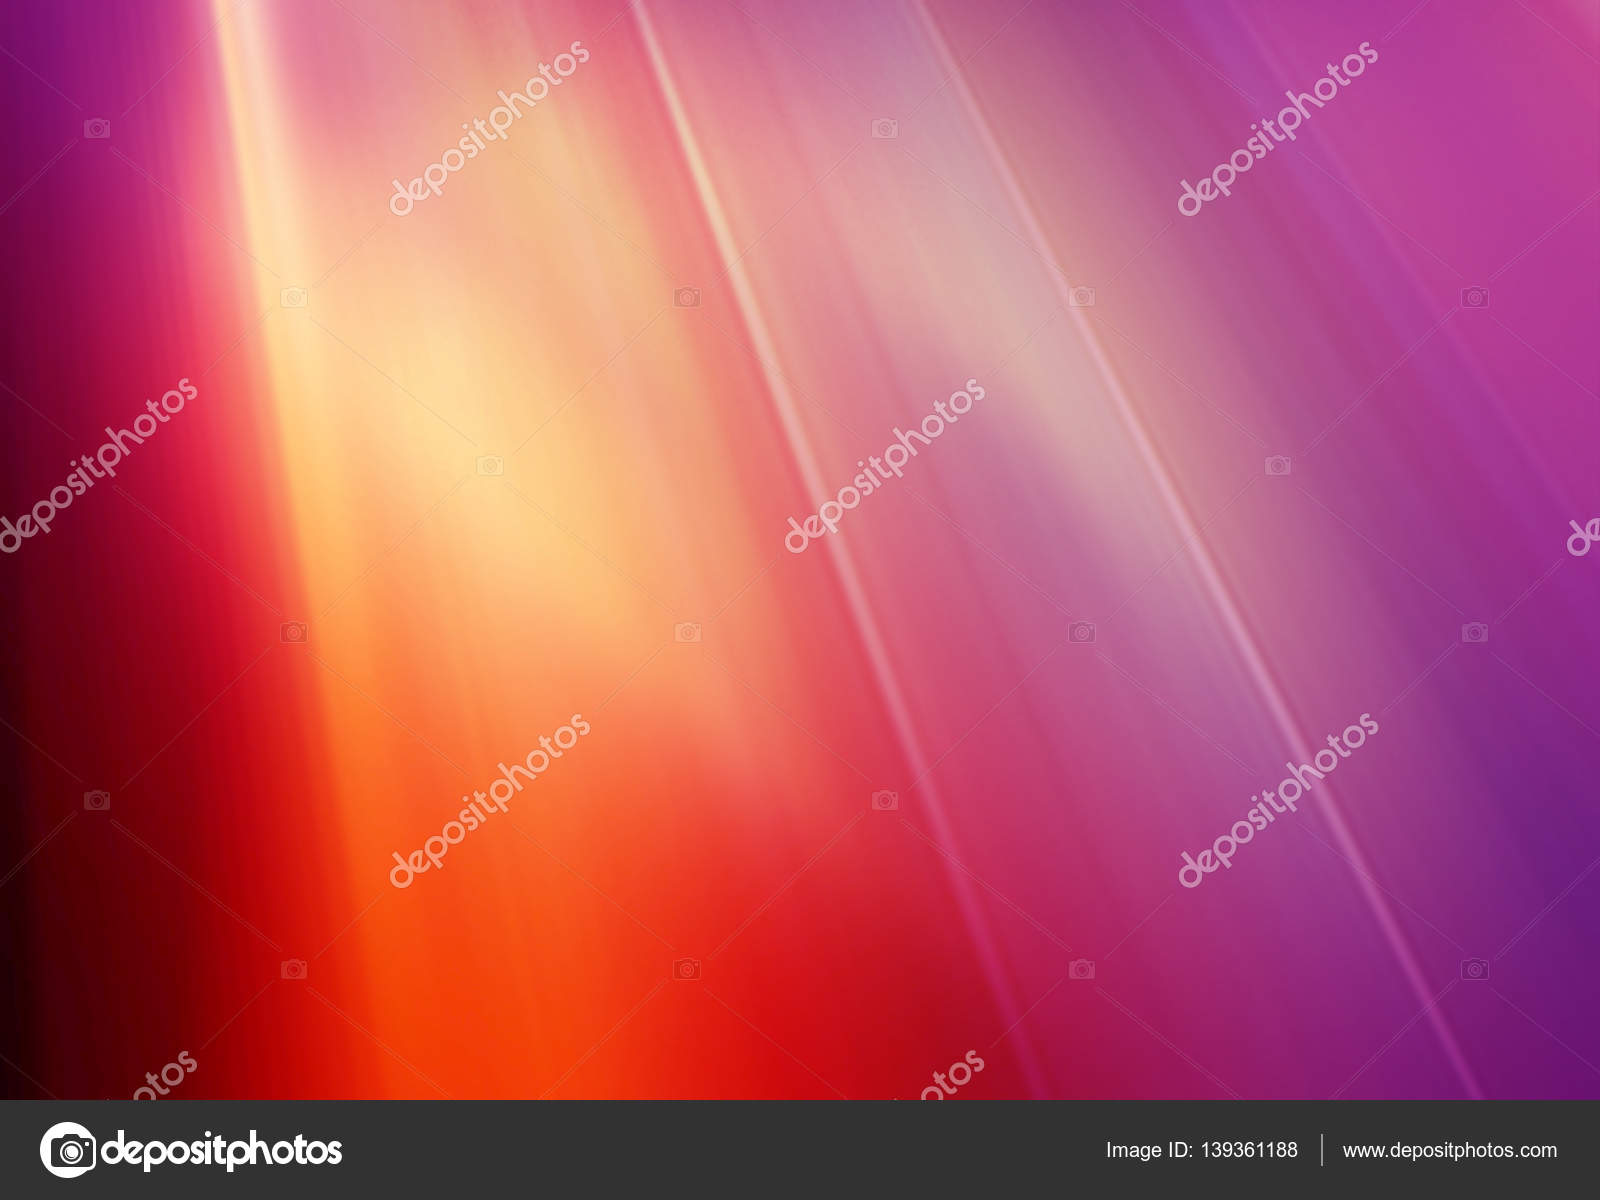 De Kleur Rood : Abstracte achtergrond in de kleuren rood oranje paars en geel